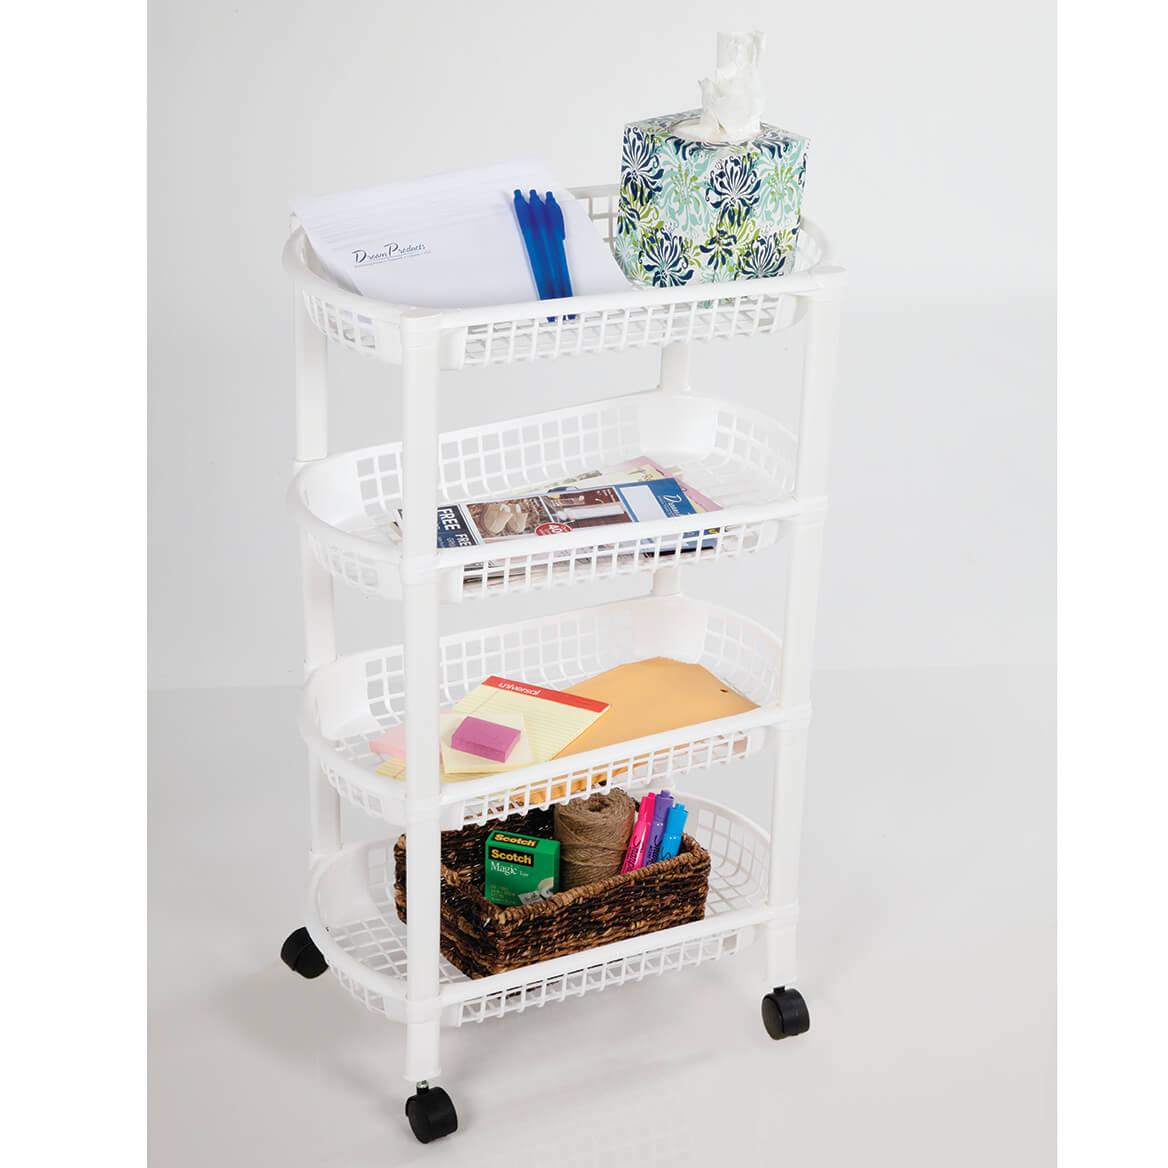 4 Tier Rolling Cart-369963